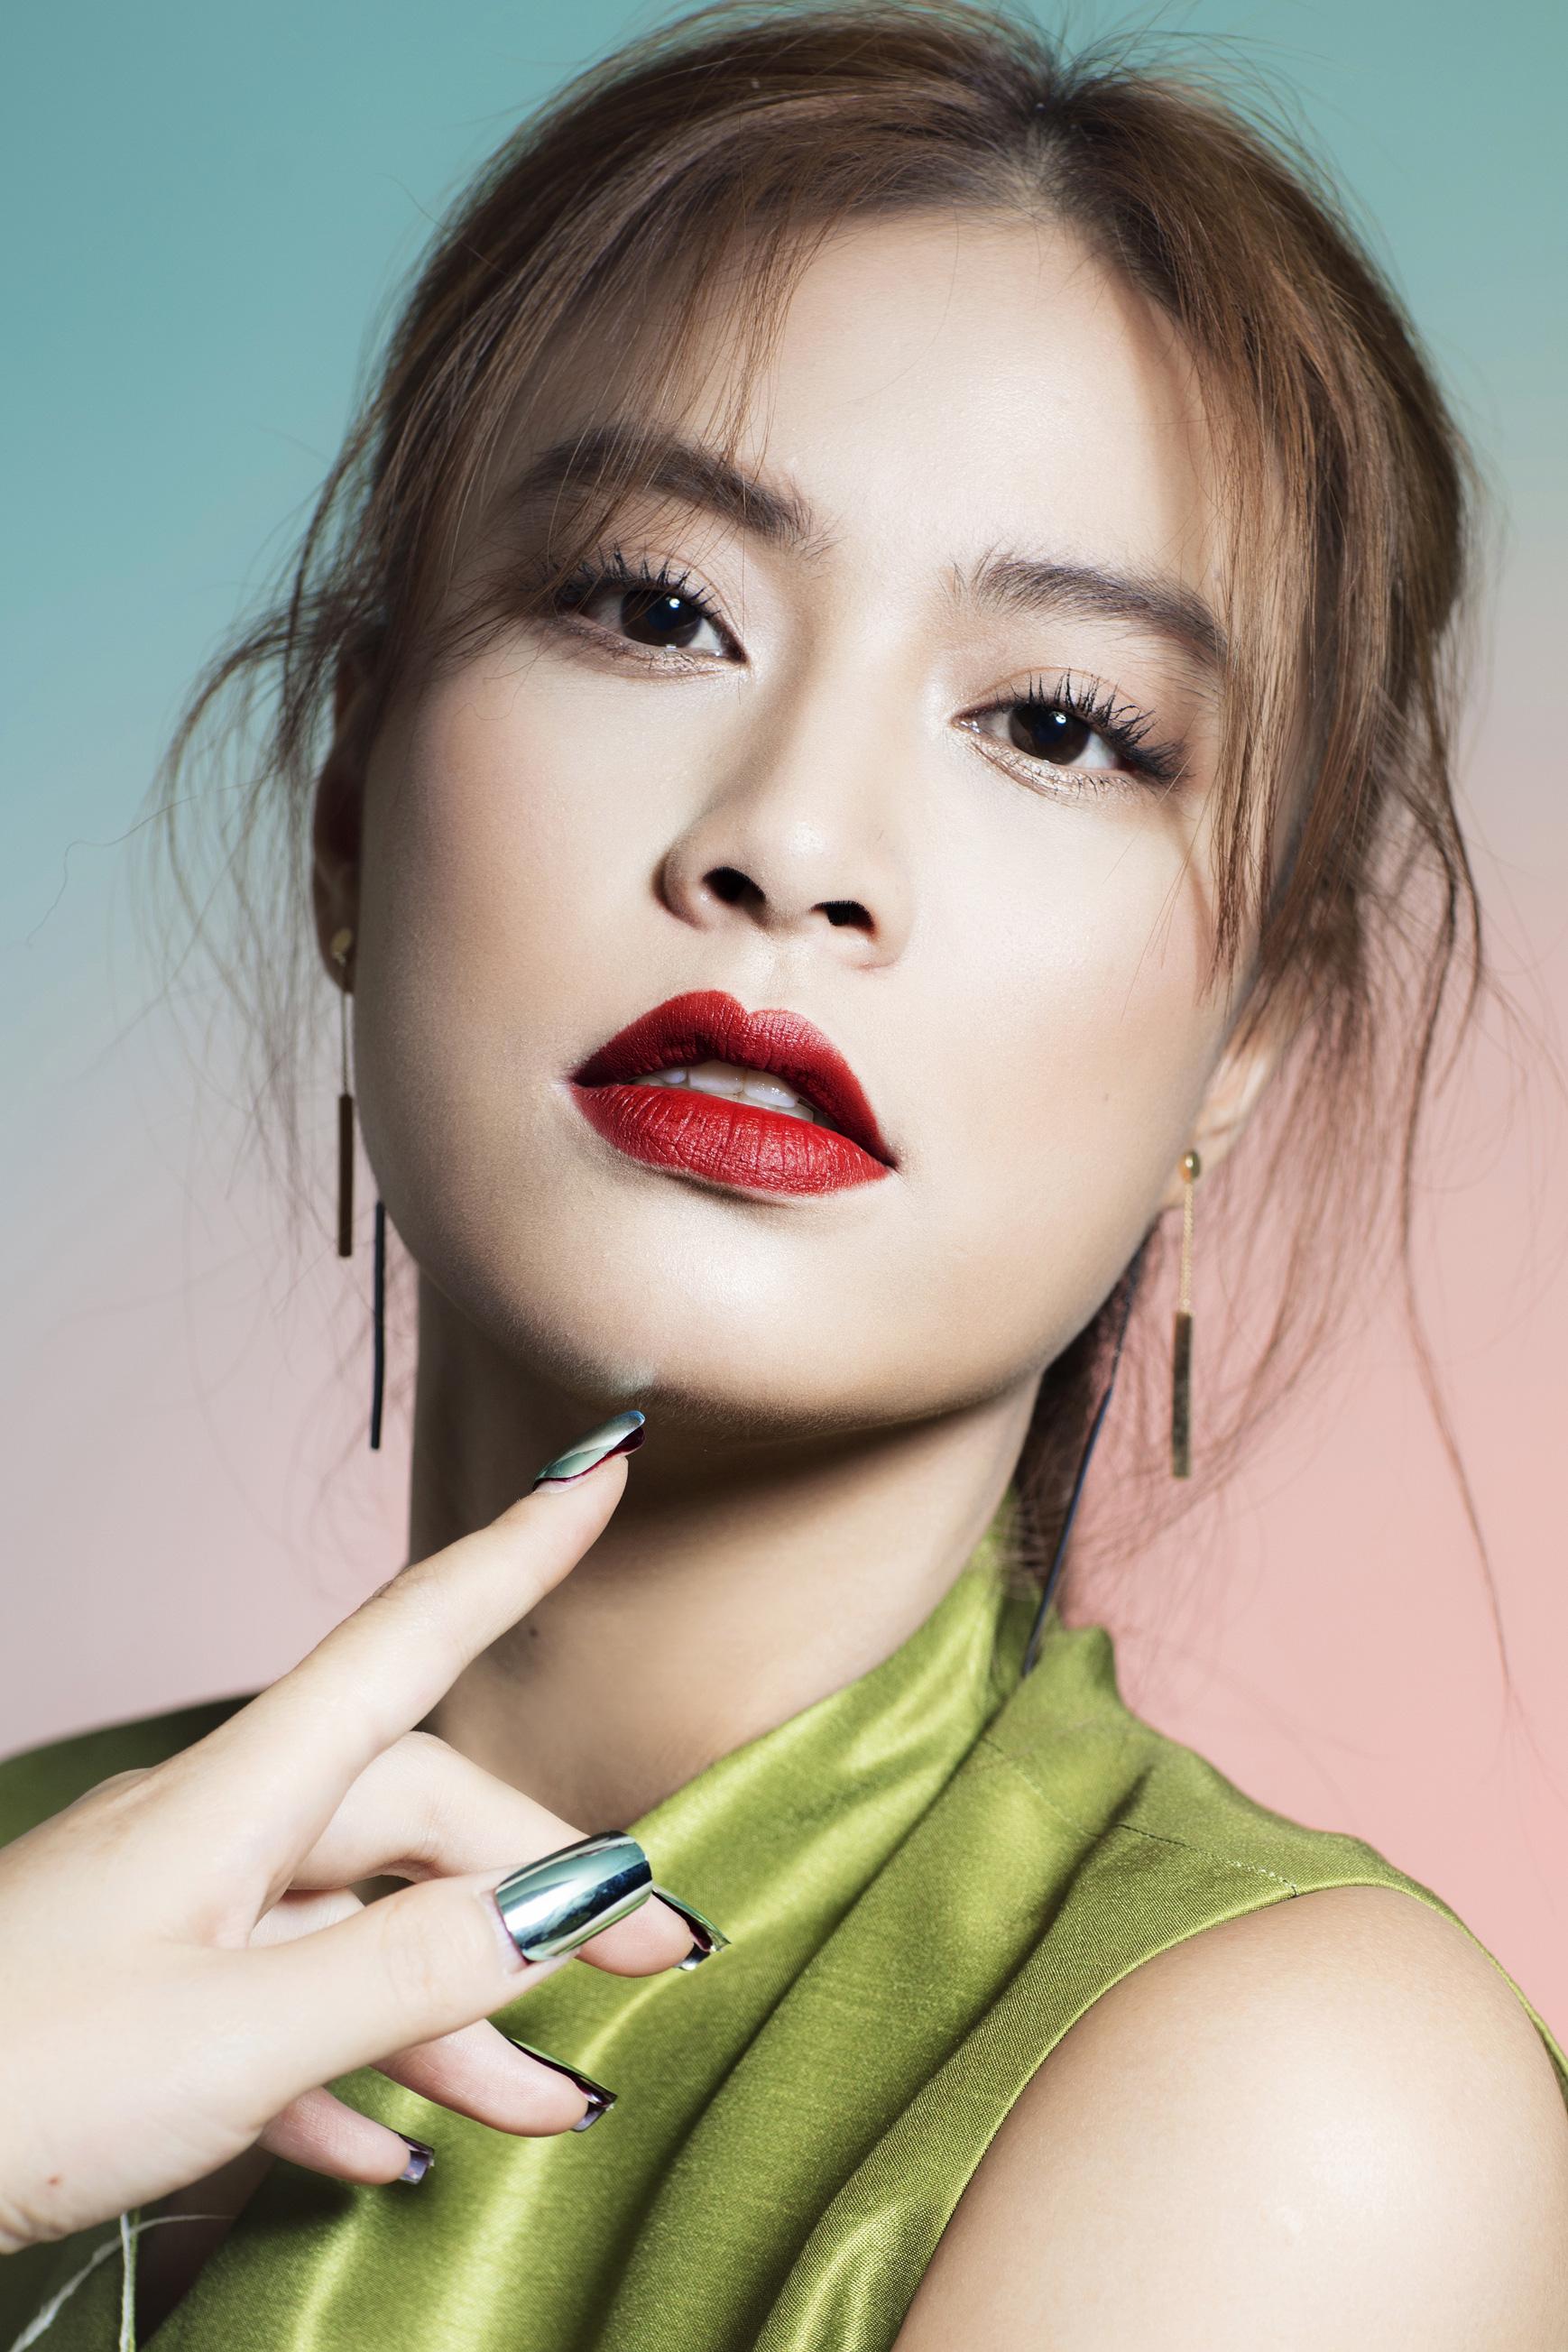 [eMagazine] Ca sĩ Hoàng Thùy Linh: Cứ dụng công thôi, không nghĩ nhiều - Ảnh 4.